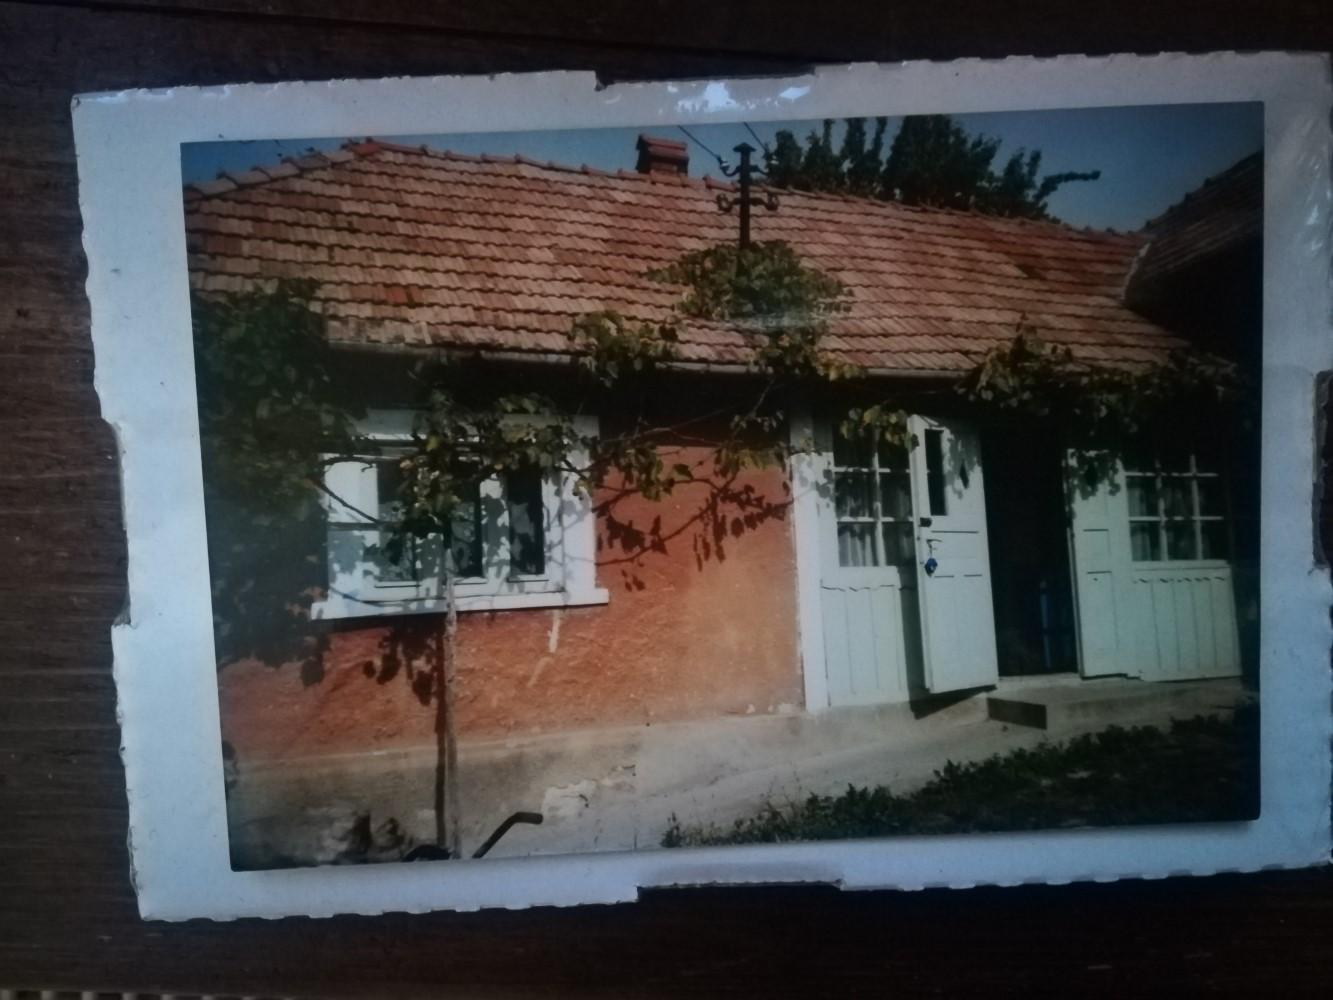 Așa arăta casa pe care Andreea a cumpărat-o în urmă cu 19 ani